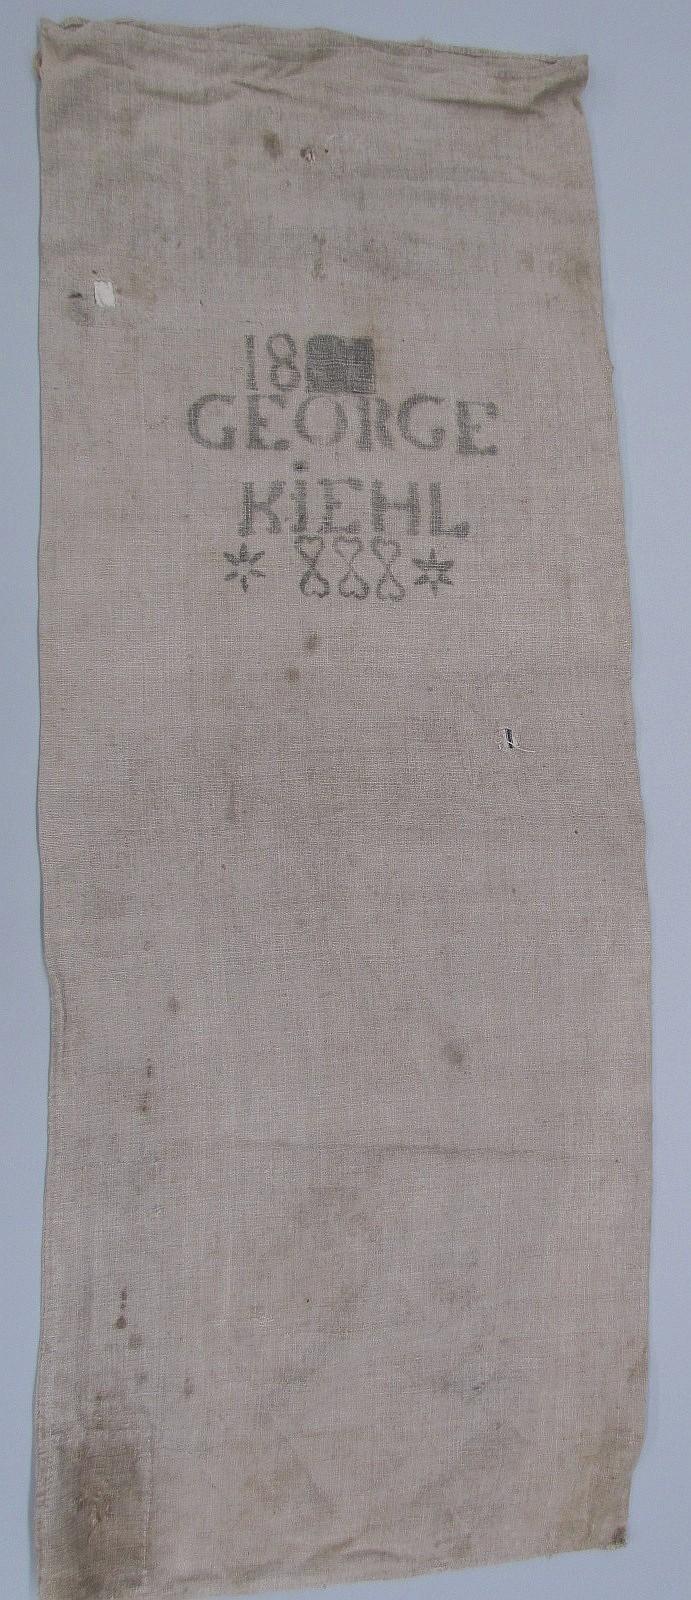 Homespun feed/grain bag of George Kiehl